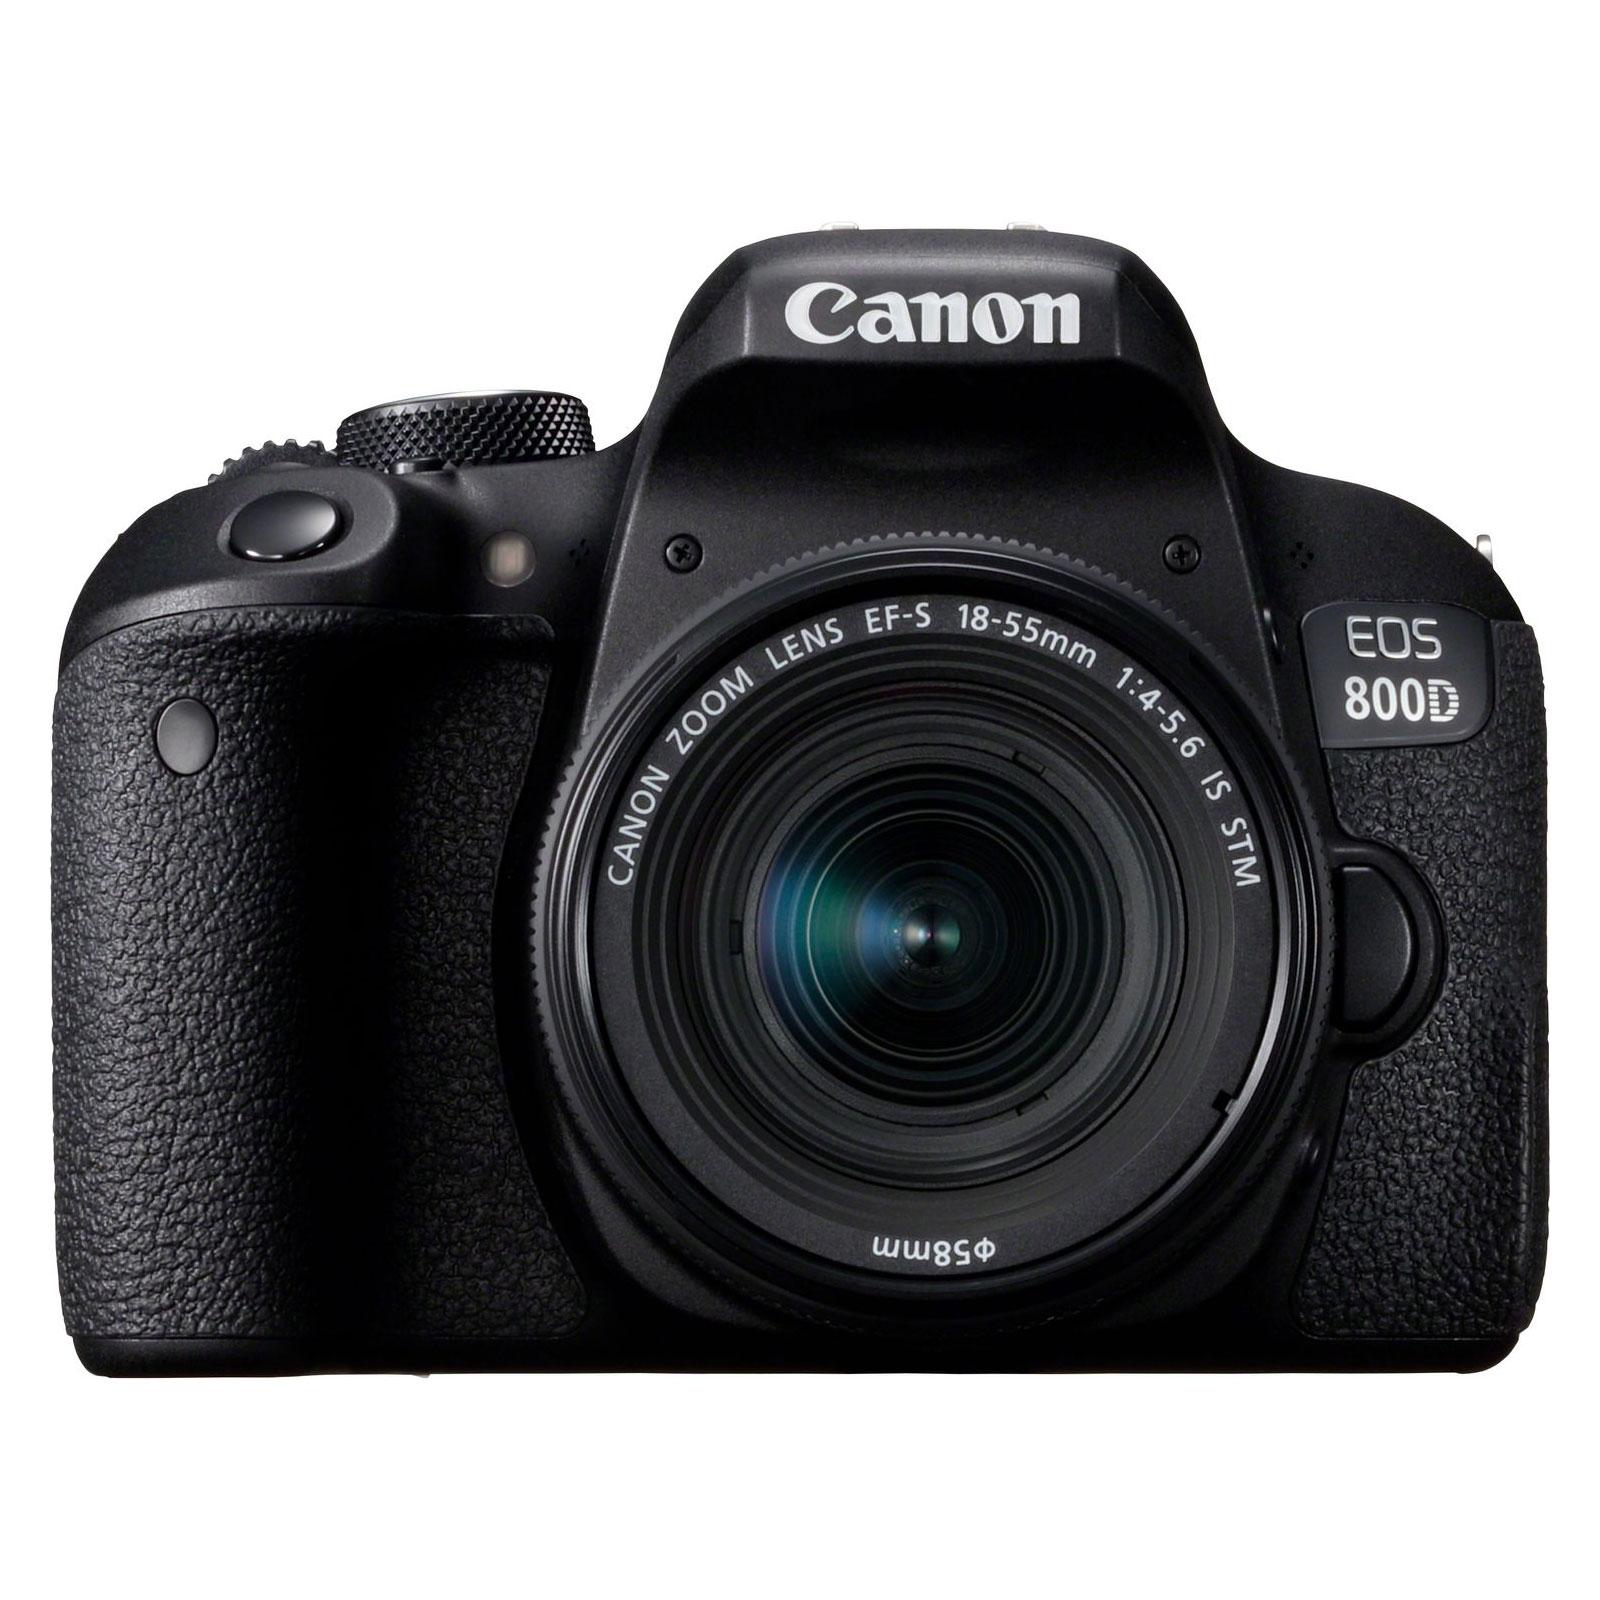 """Appareil photo Reflex Canon EOS 800D + 18-55 IS STM Reflex Numérique 24.2 MP - Ecran tactile orientable 3"""" - Dual AF - Vidéo Full HD 60p - Wi-Fi/NFC - Bluetooth (boîtier nu) + Objectif EF-S 18-55 mm f/4-5.6 IS STM"""